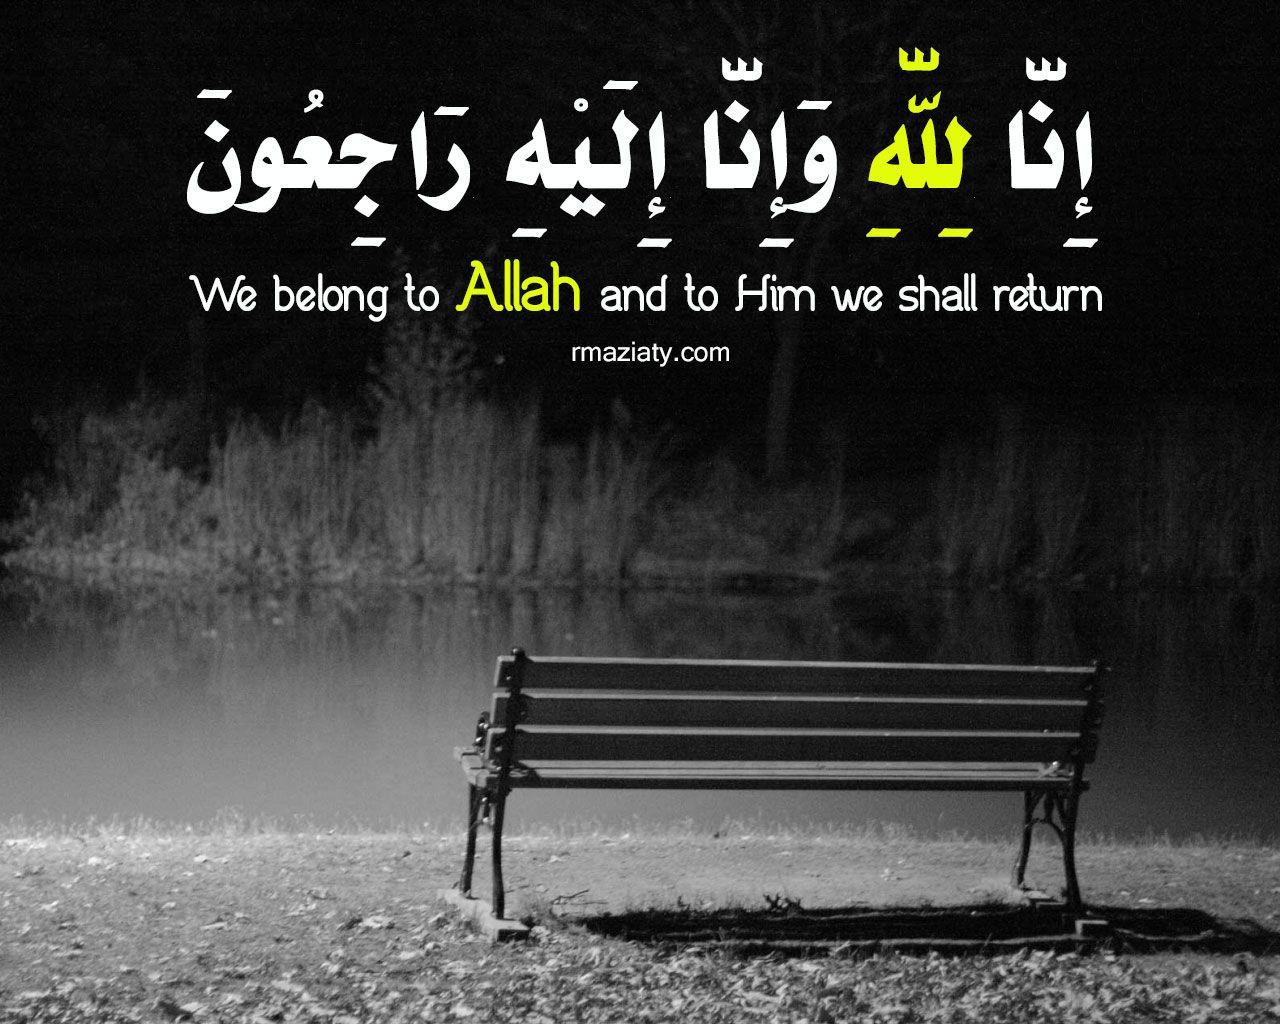 صور إنا لله وإنا إليه راجعون 2021 Quran Quotes Outdoor Outdoor Decor